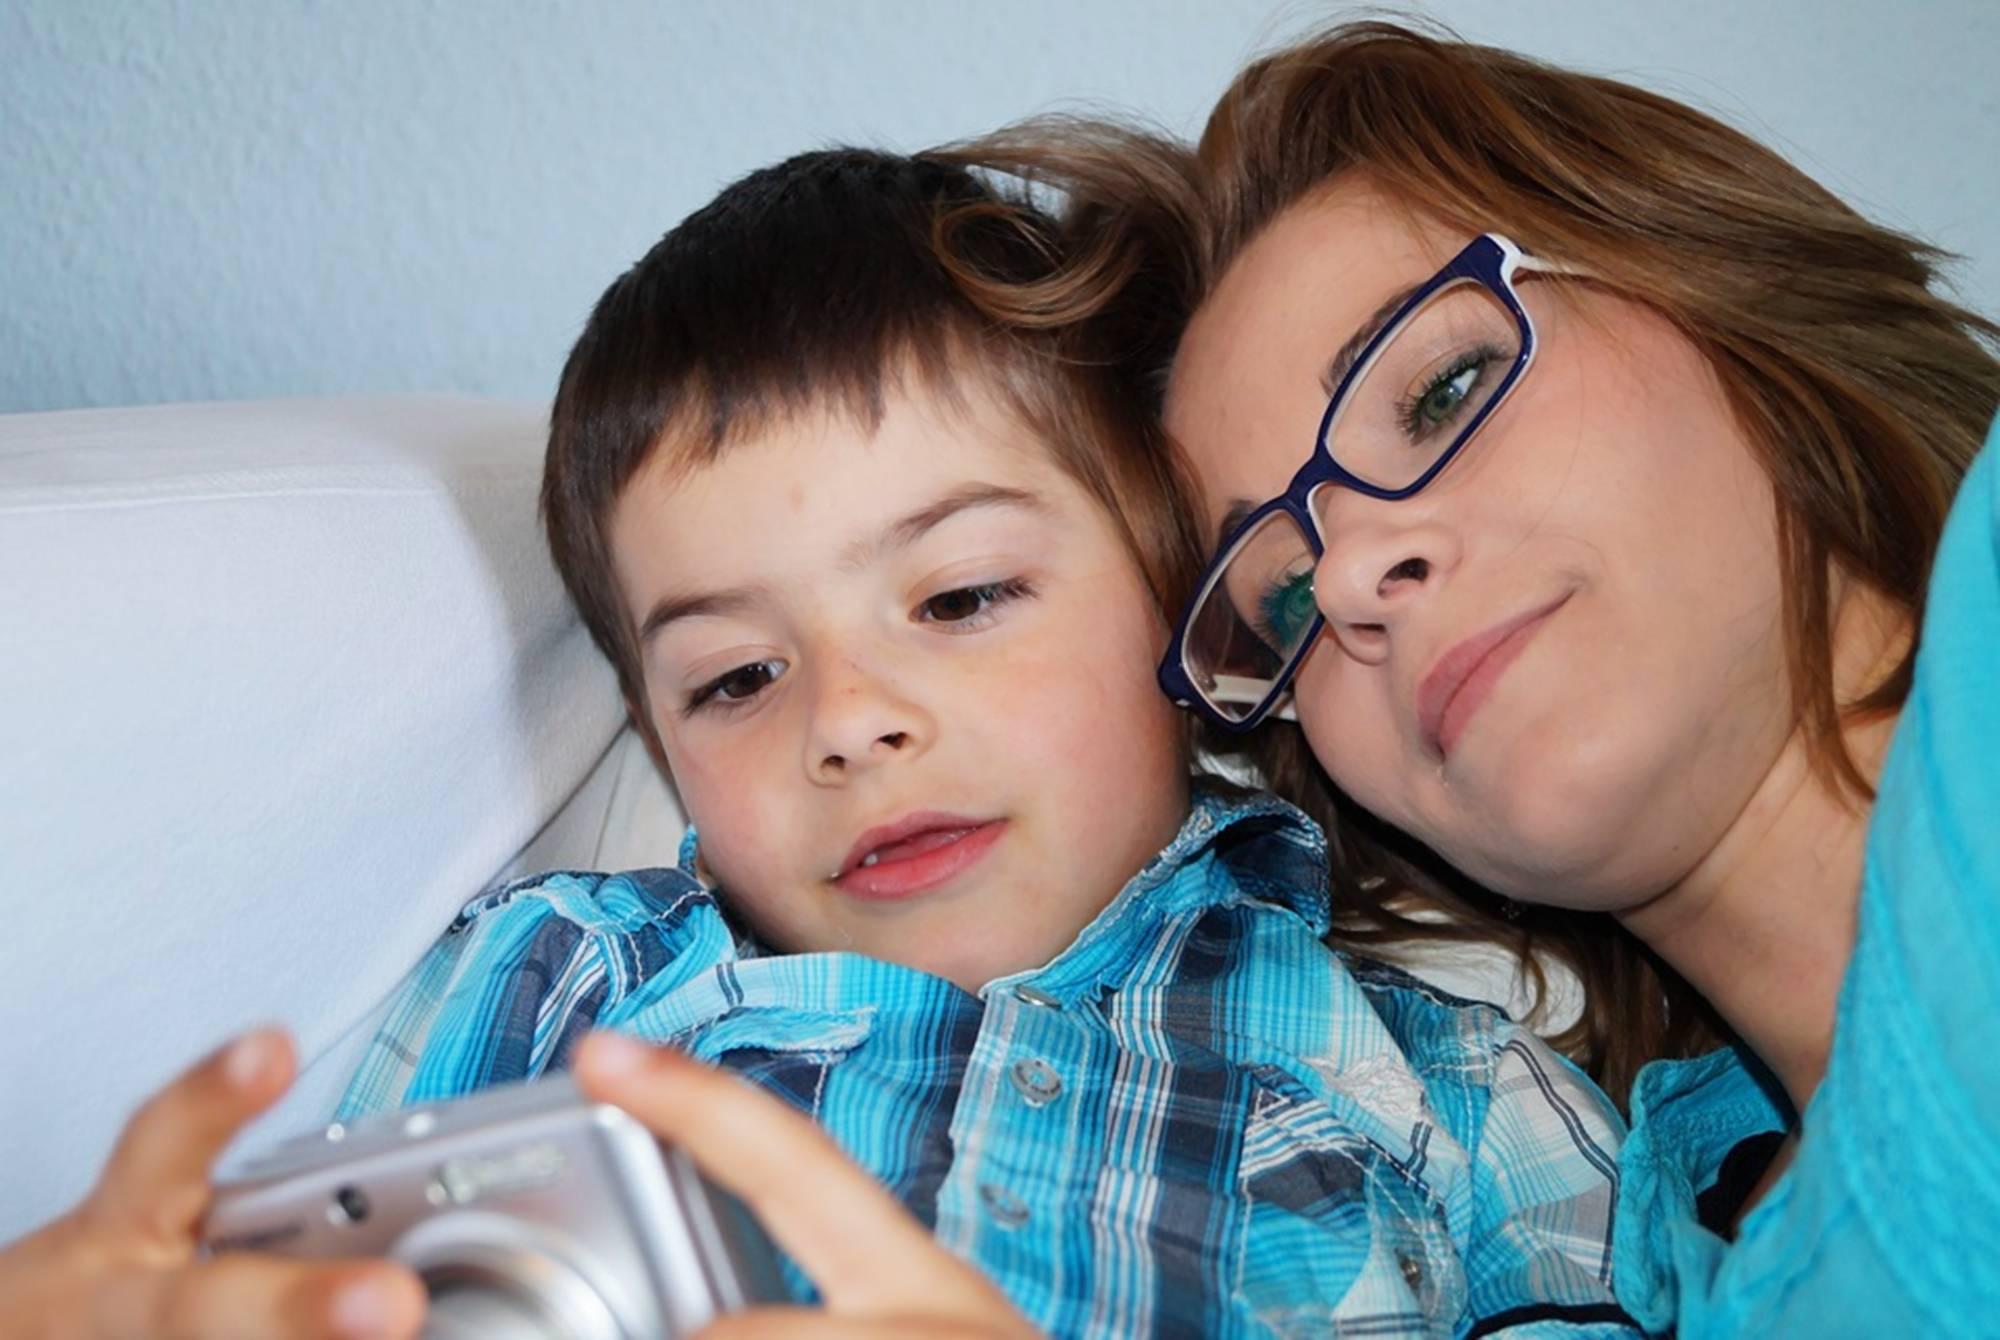 孩子7岁总是沉浸在想象中,对于现实生活不太在意? 8岁孩子的心理特点